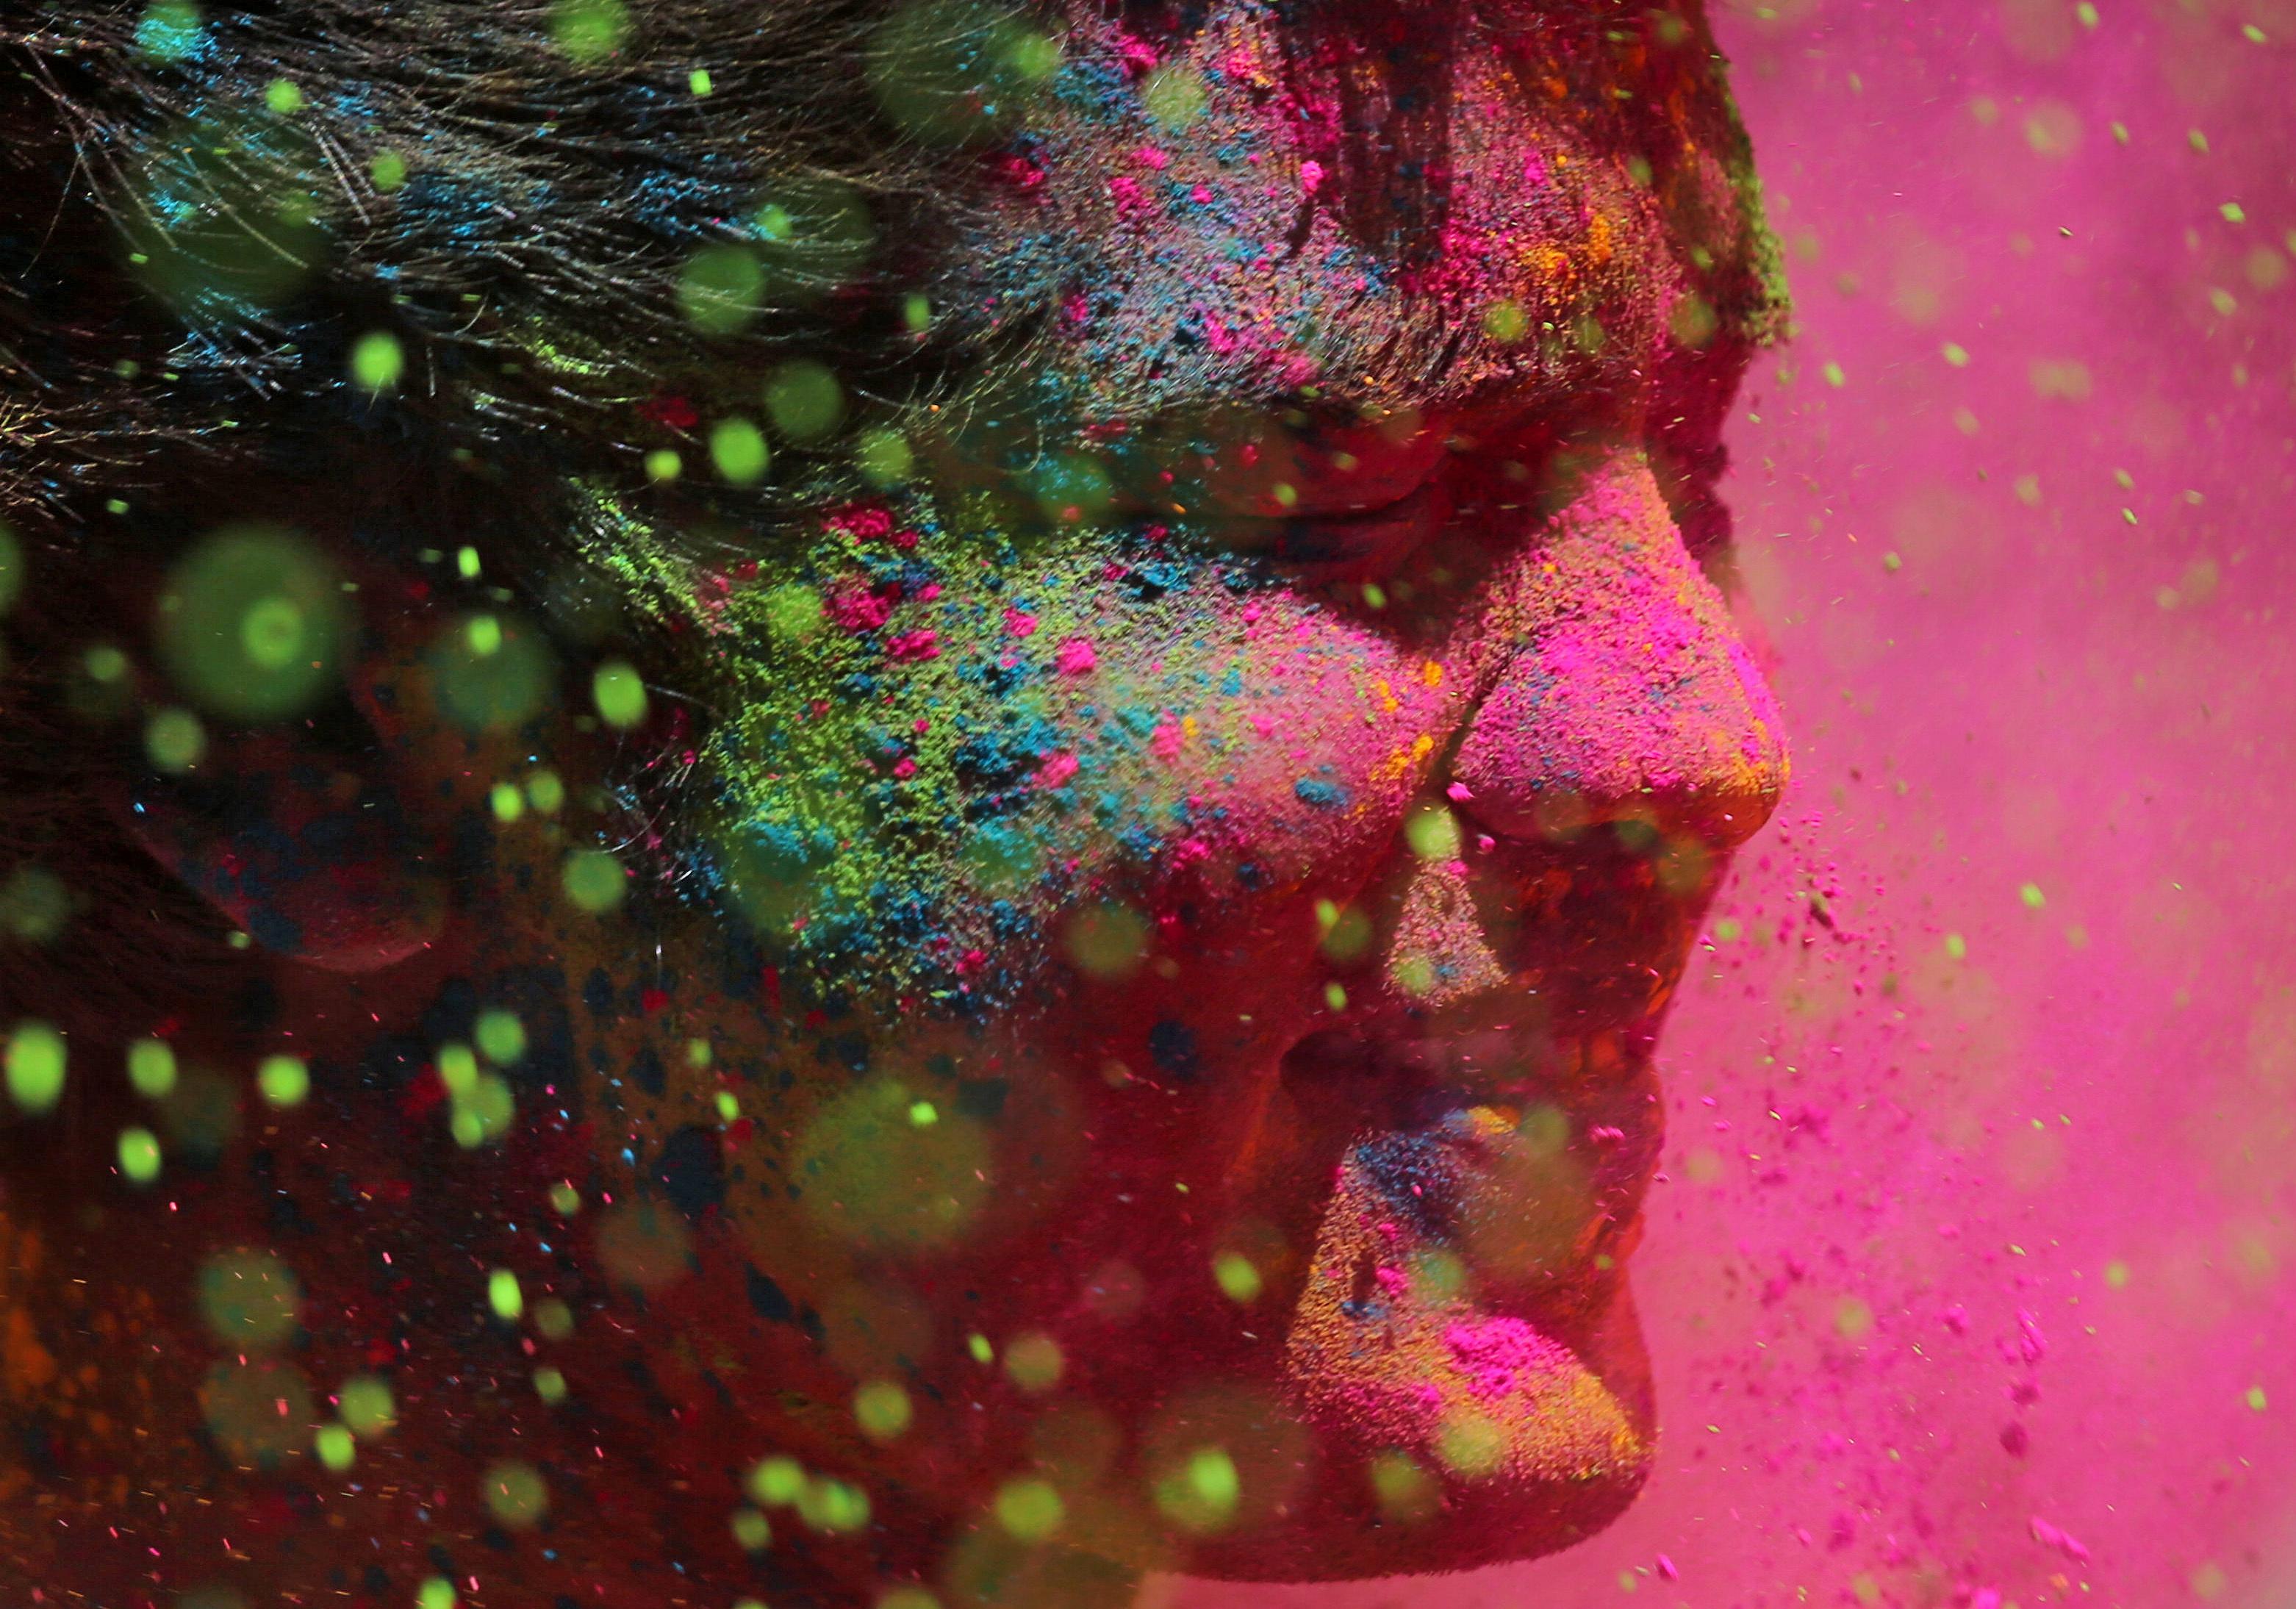 مهرجان الألوان المبهجة فى الهند احتفالا بقدوم فصل الربيع (18)